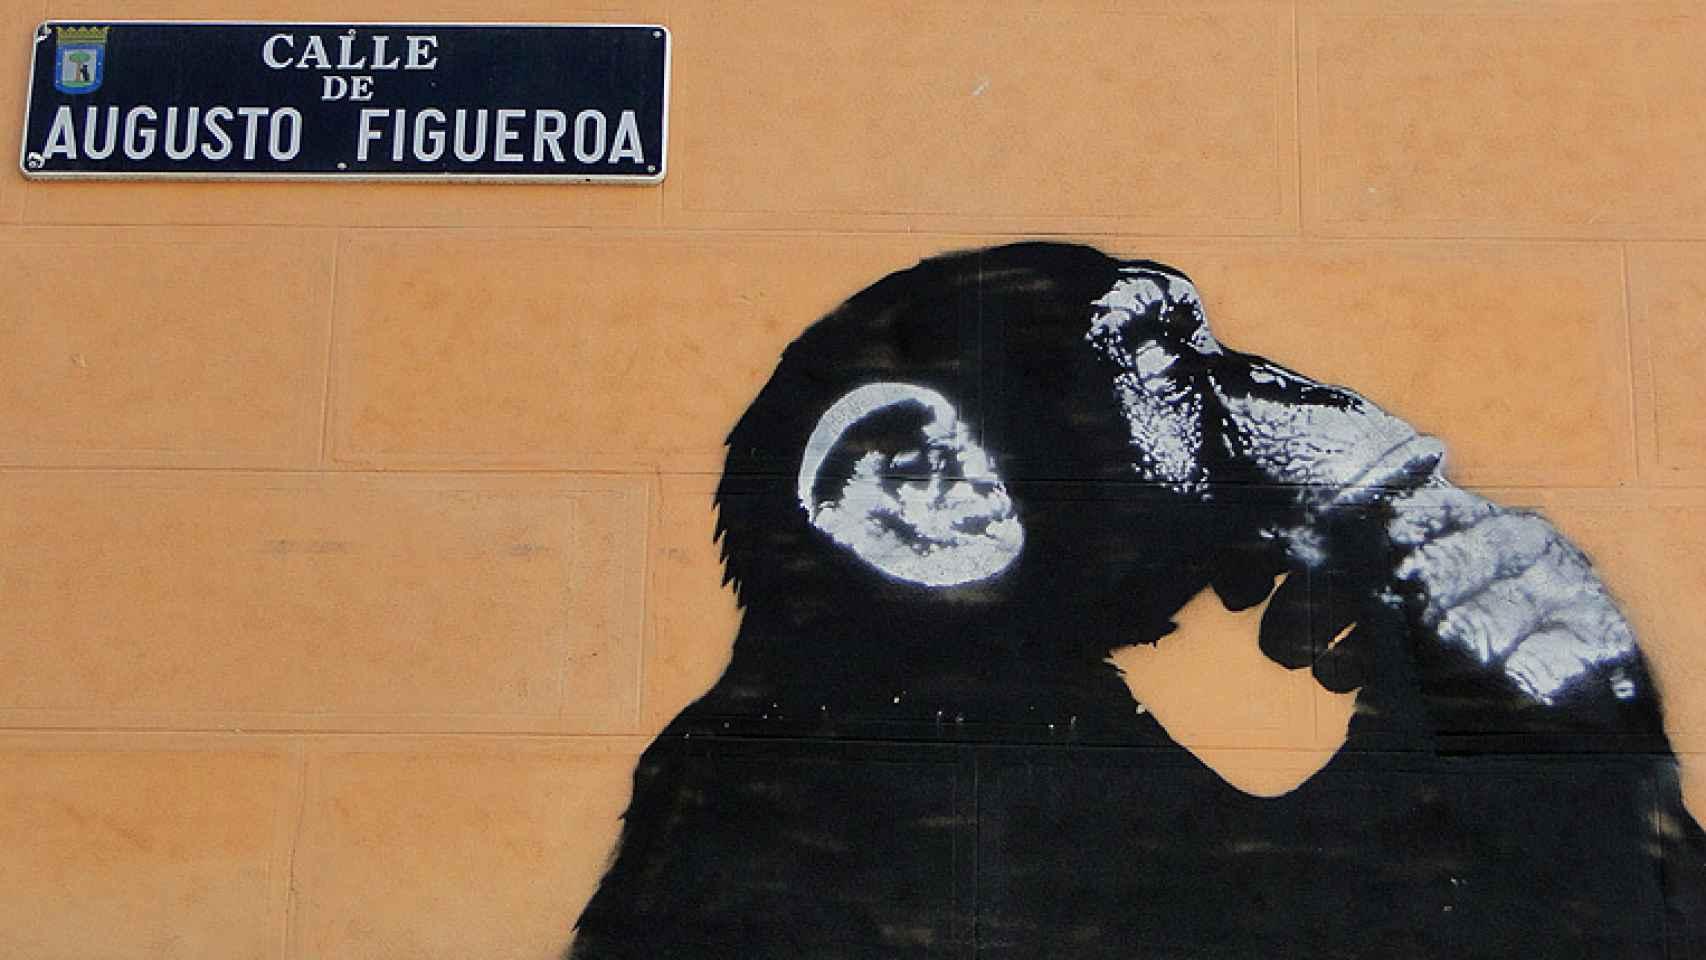 El chimpancé de ¿En qué piensan los políticos?, de Noaz, al lado del rótulo de la calle.